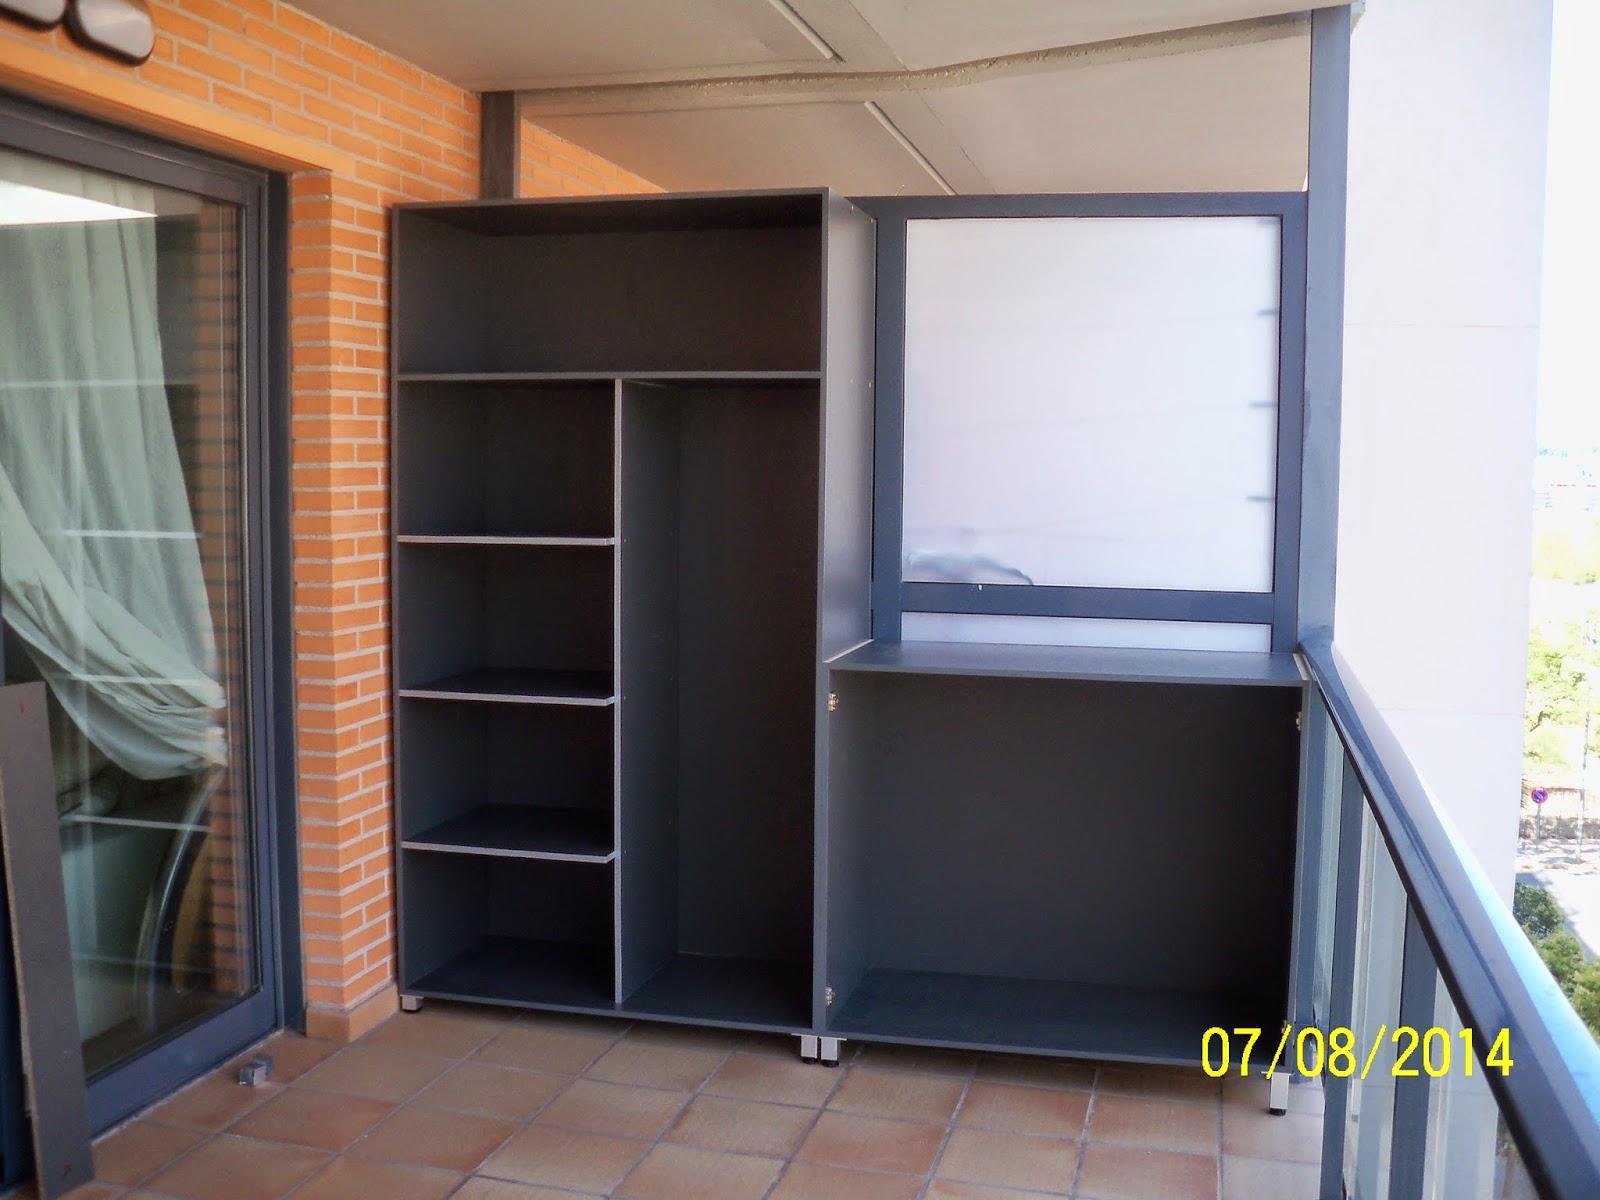 Pepe granell armario modular terraza ebanister a 2014 for Armarios para terrazas